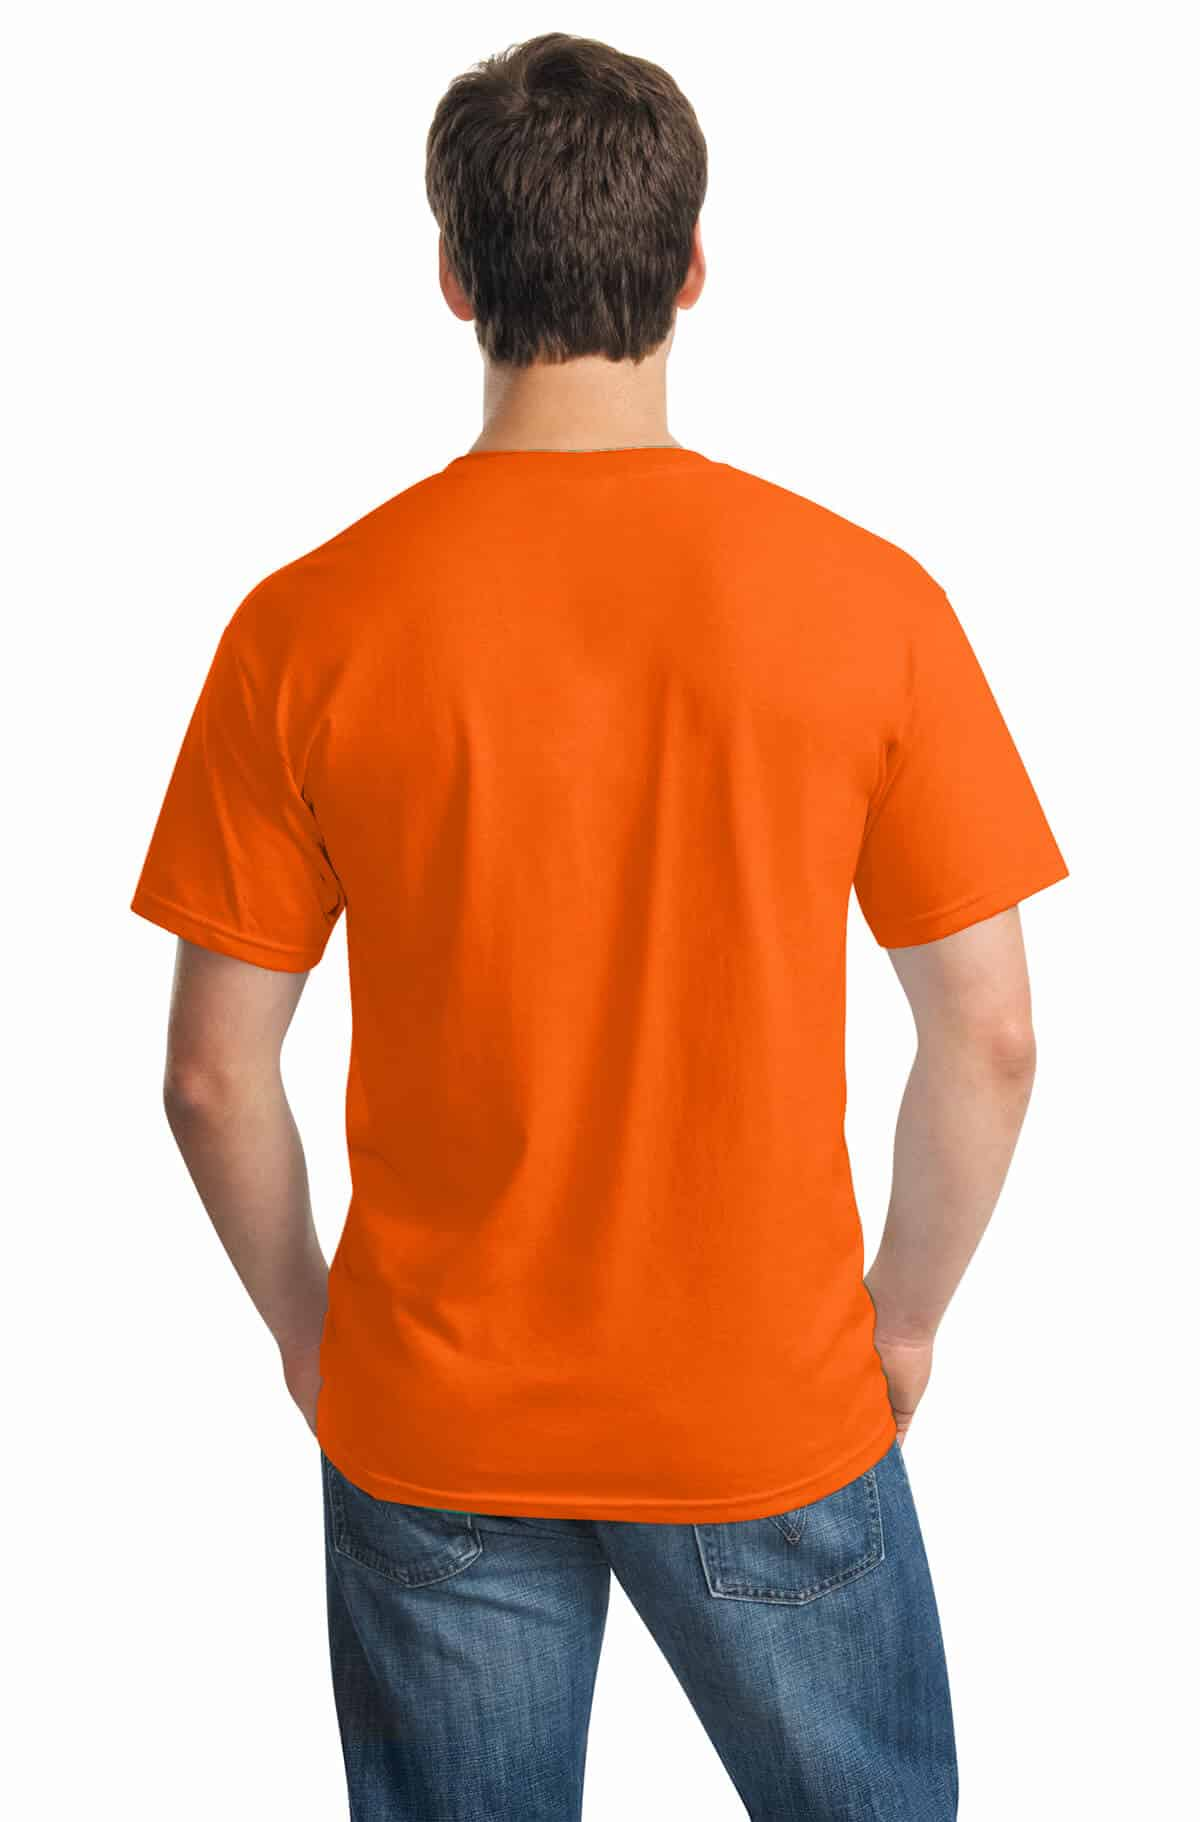 Orange Tee Back